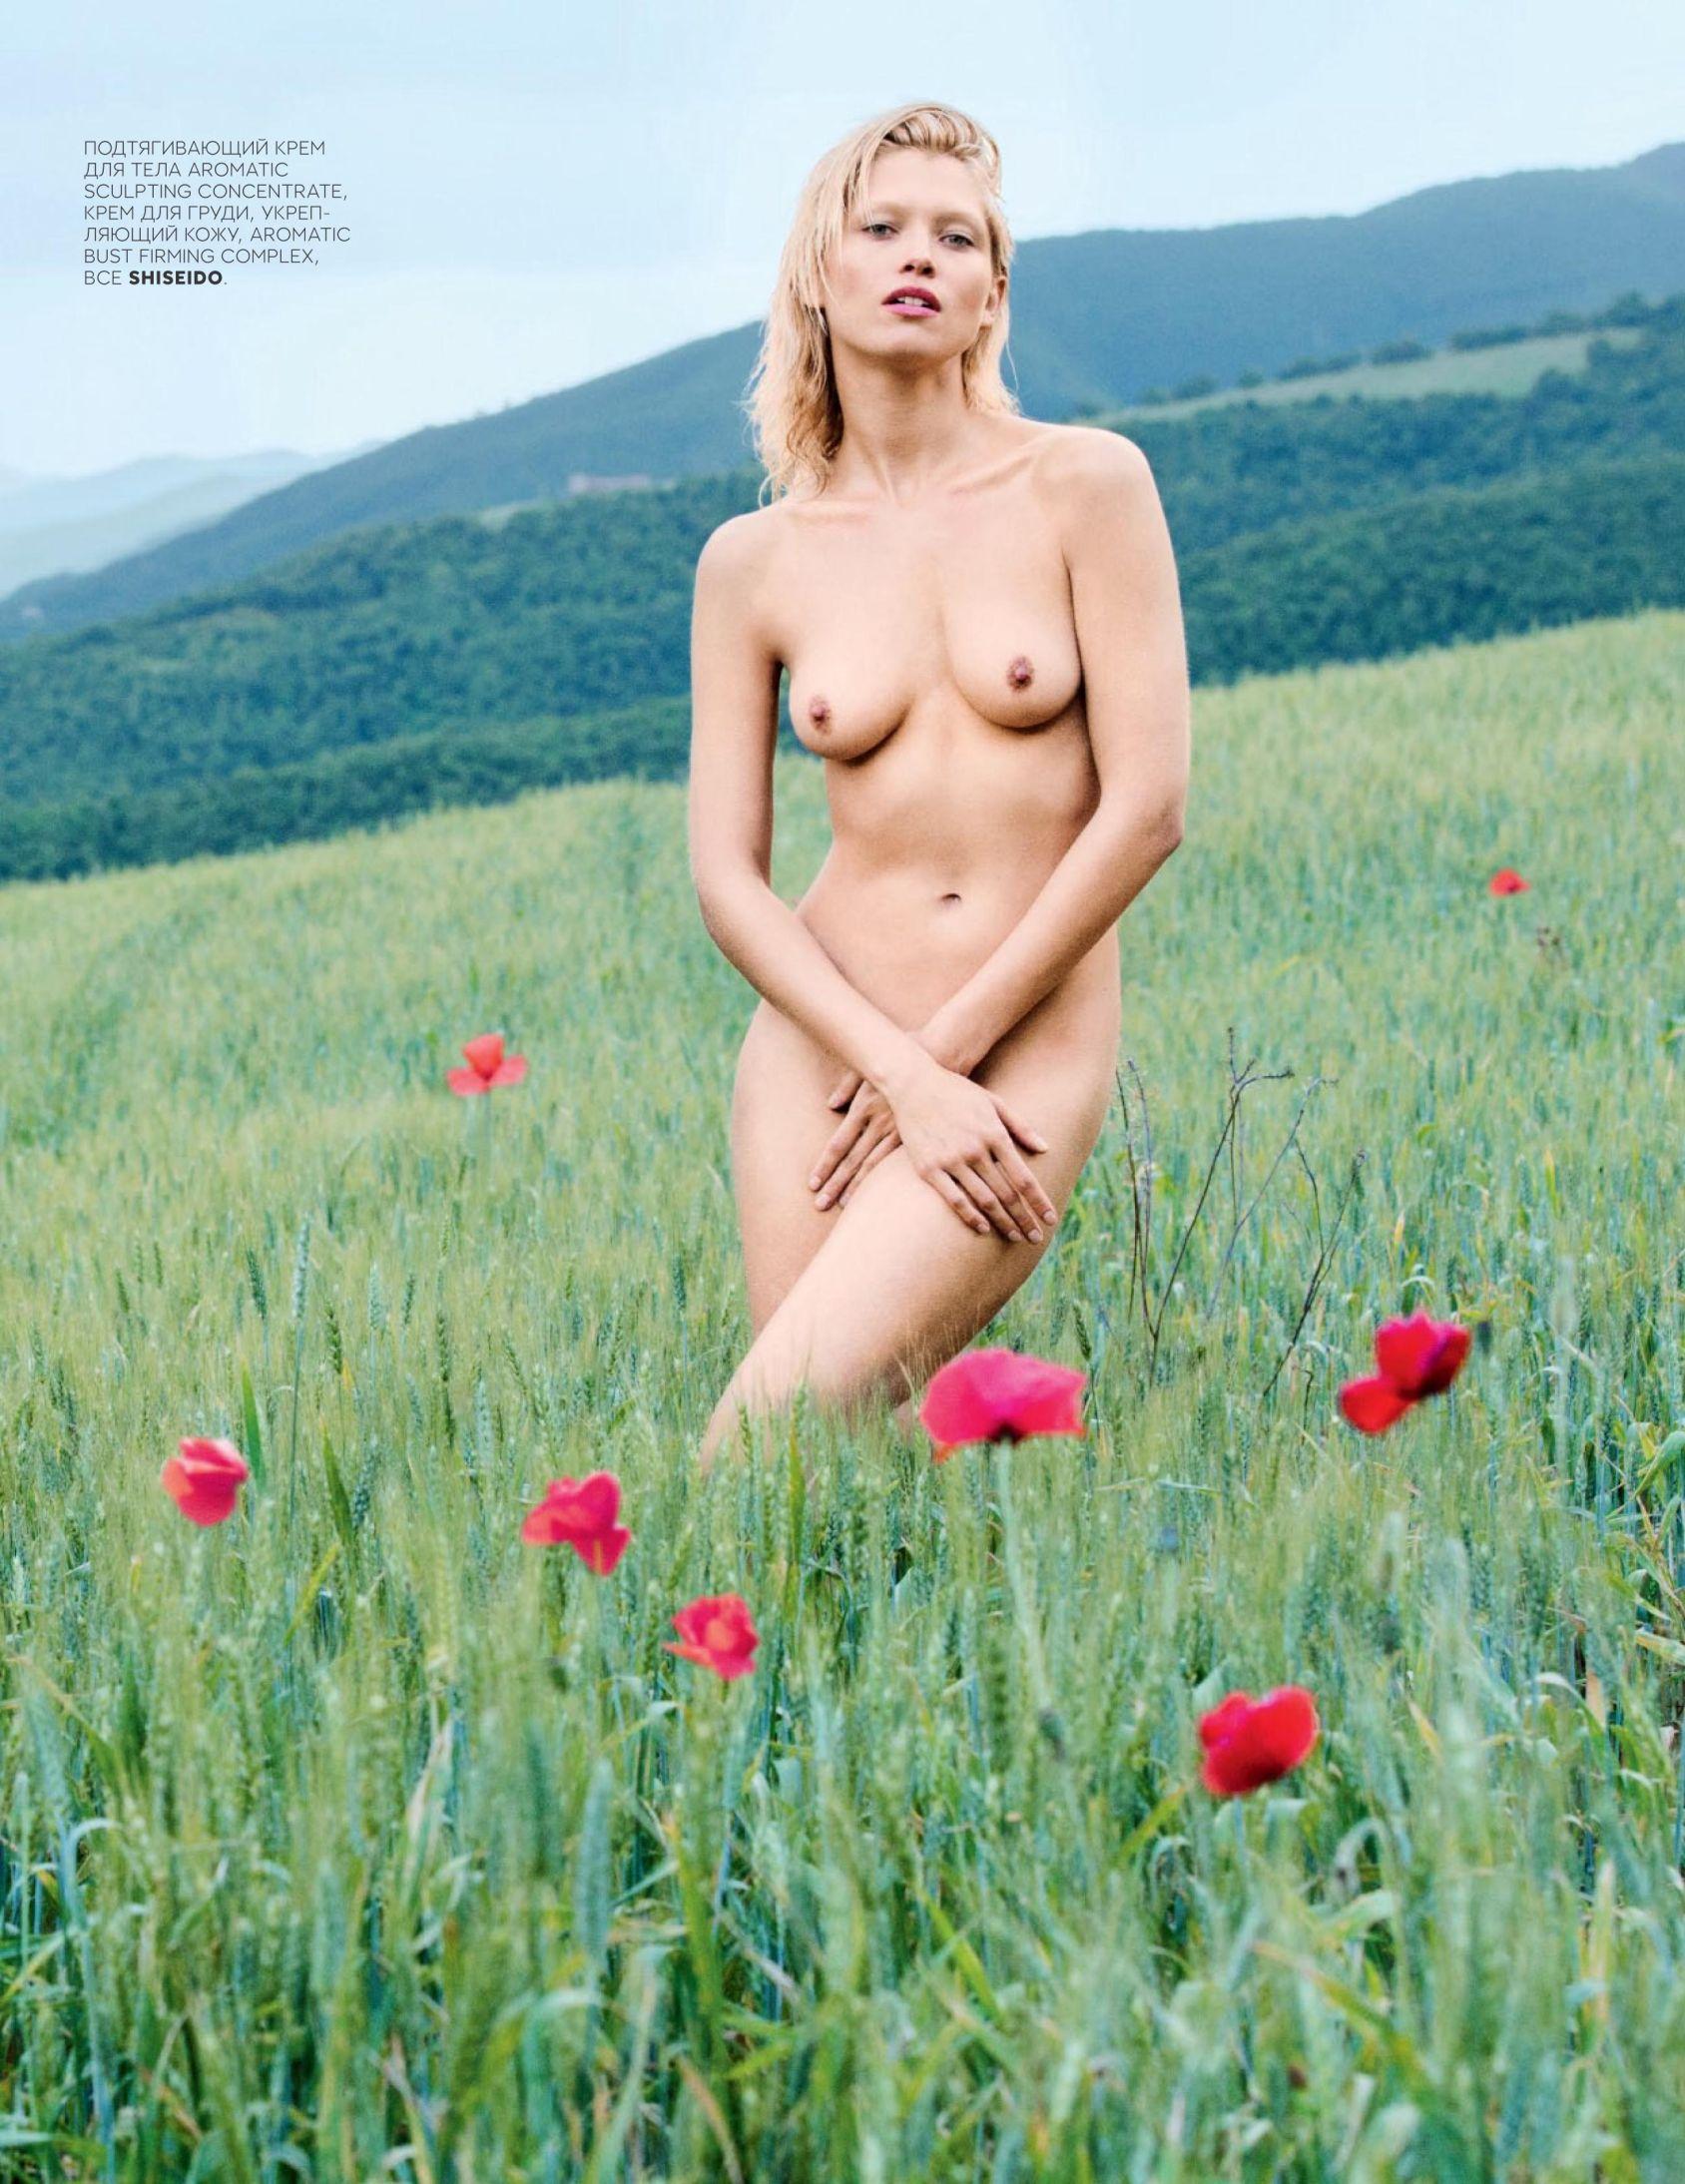 Hana Jirickova Naked Pic